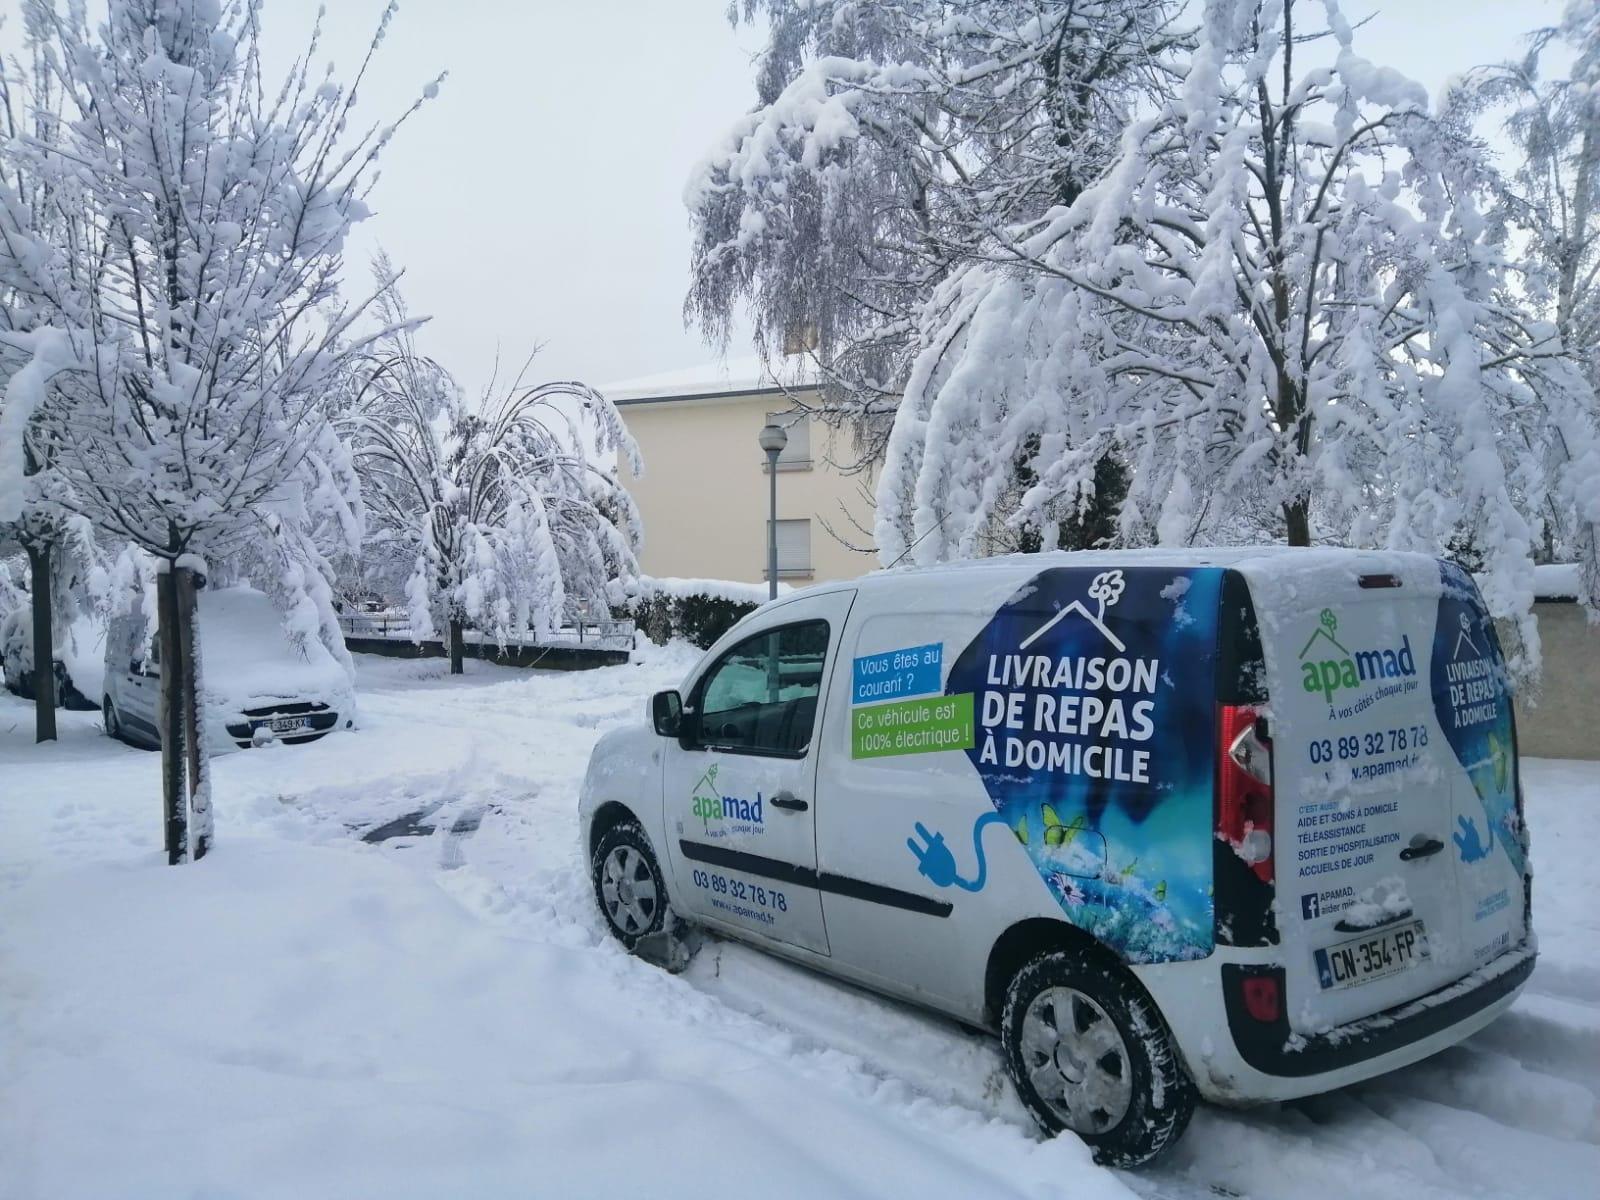 La neige n'arrête pas la livraison de repas, ni des sourires à domicile !